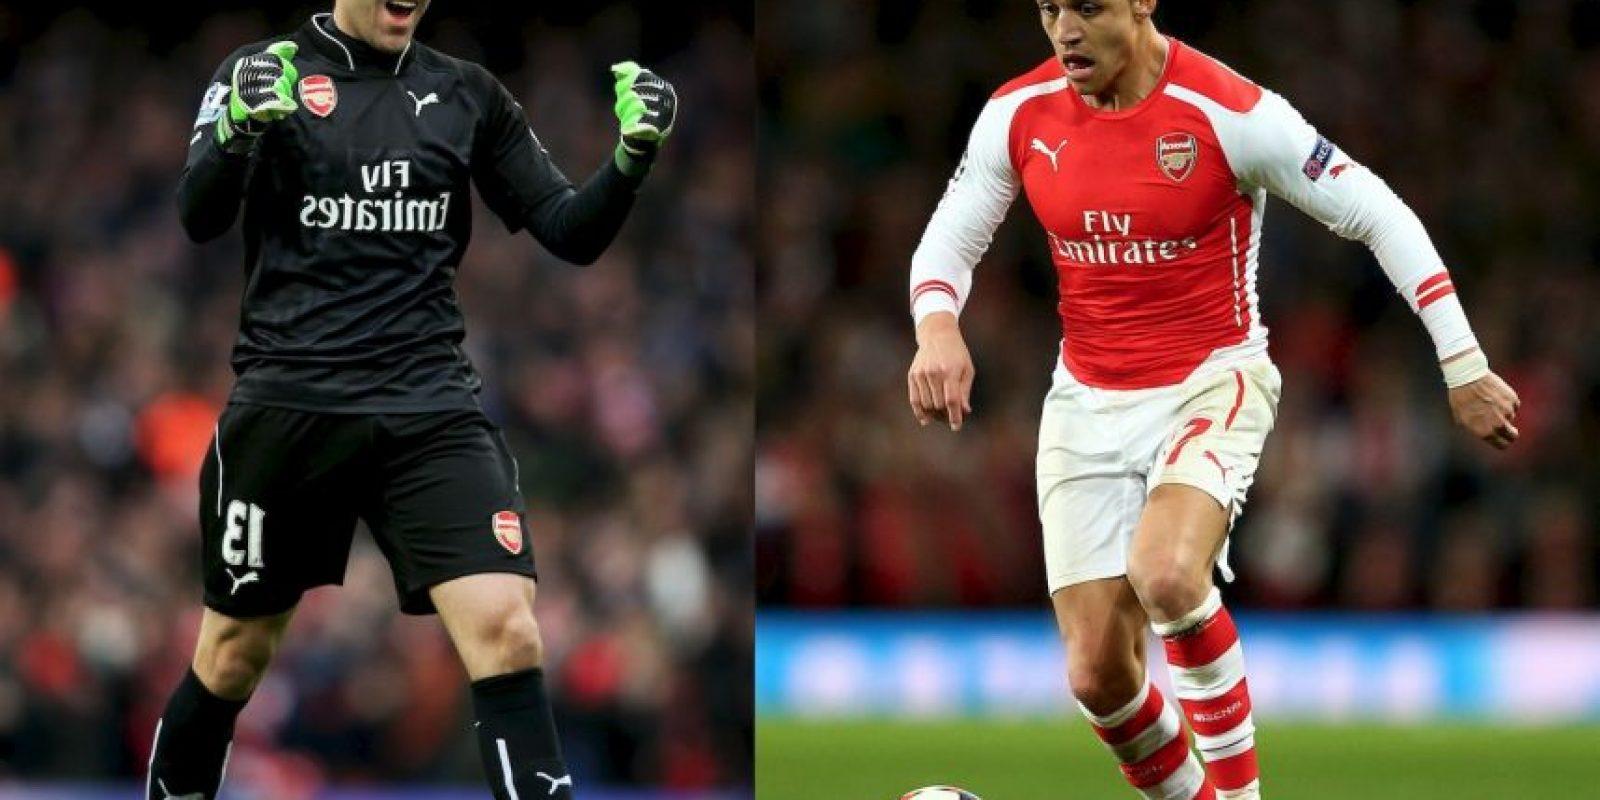 David Ospina y Alexis Sánchez buscaran remontar para acceder a cuartos. Foto:Getty Images